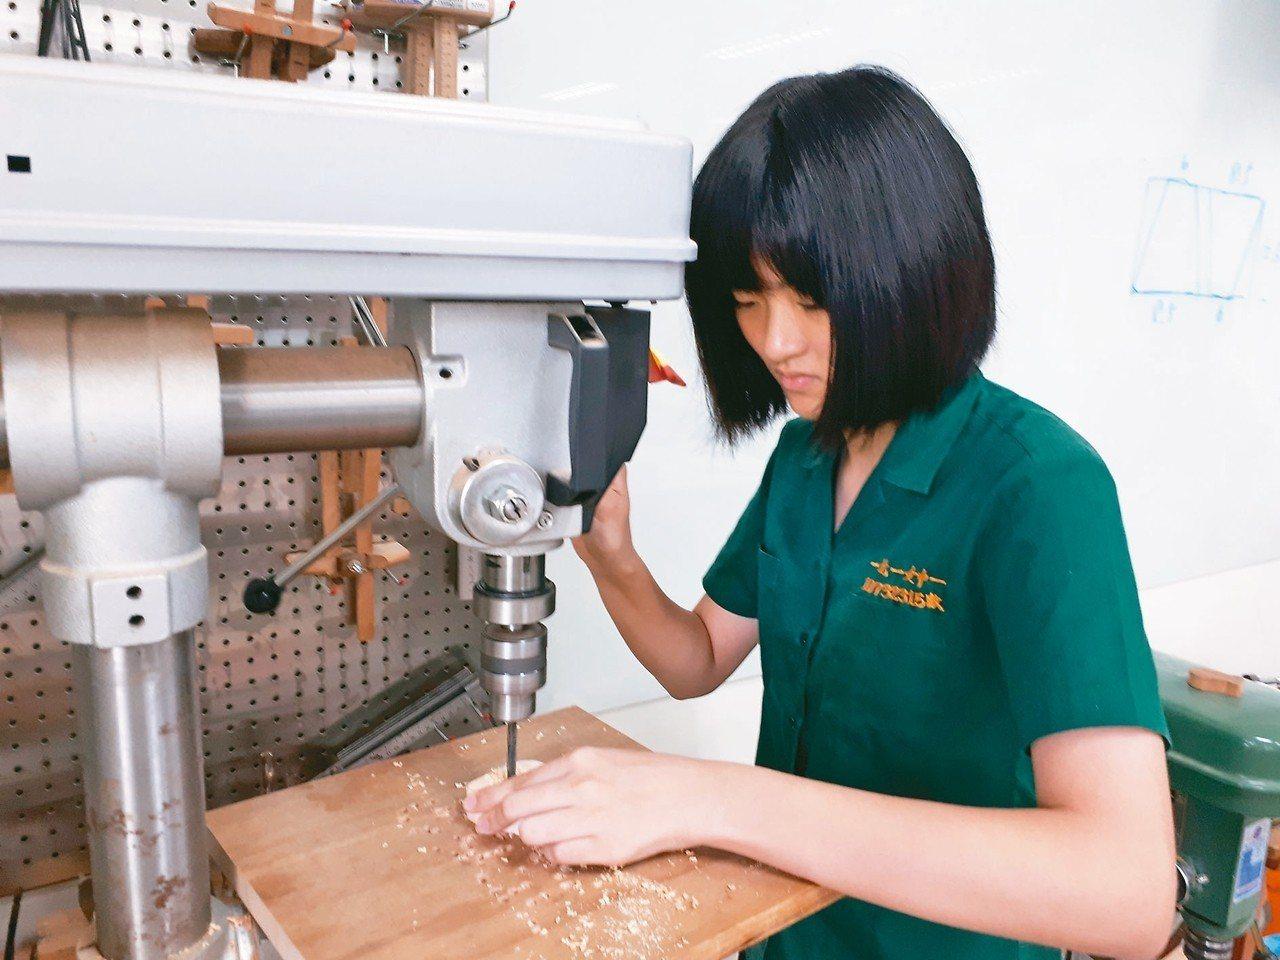 北一女開設初級木工課,並建置木工教室,學生上課很療癒。 圖/北一女提供